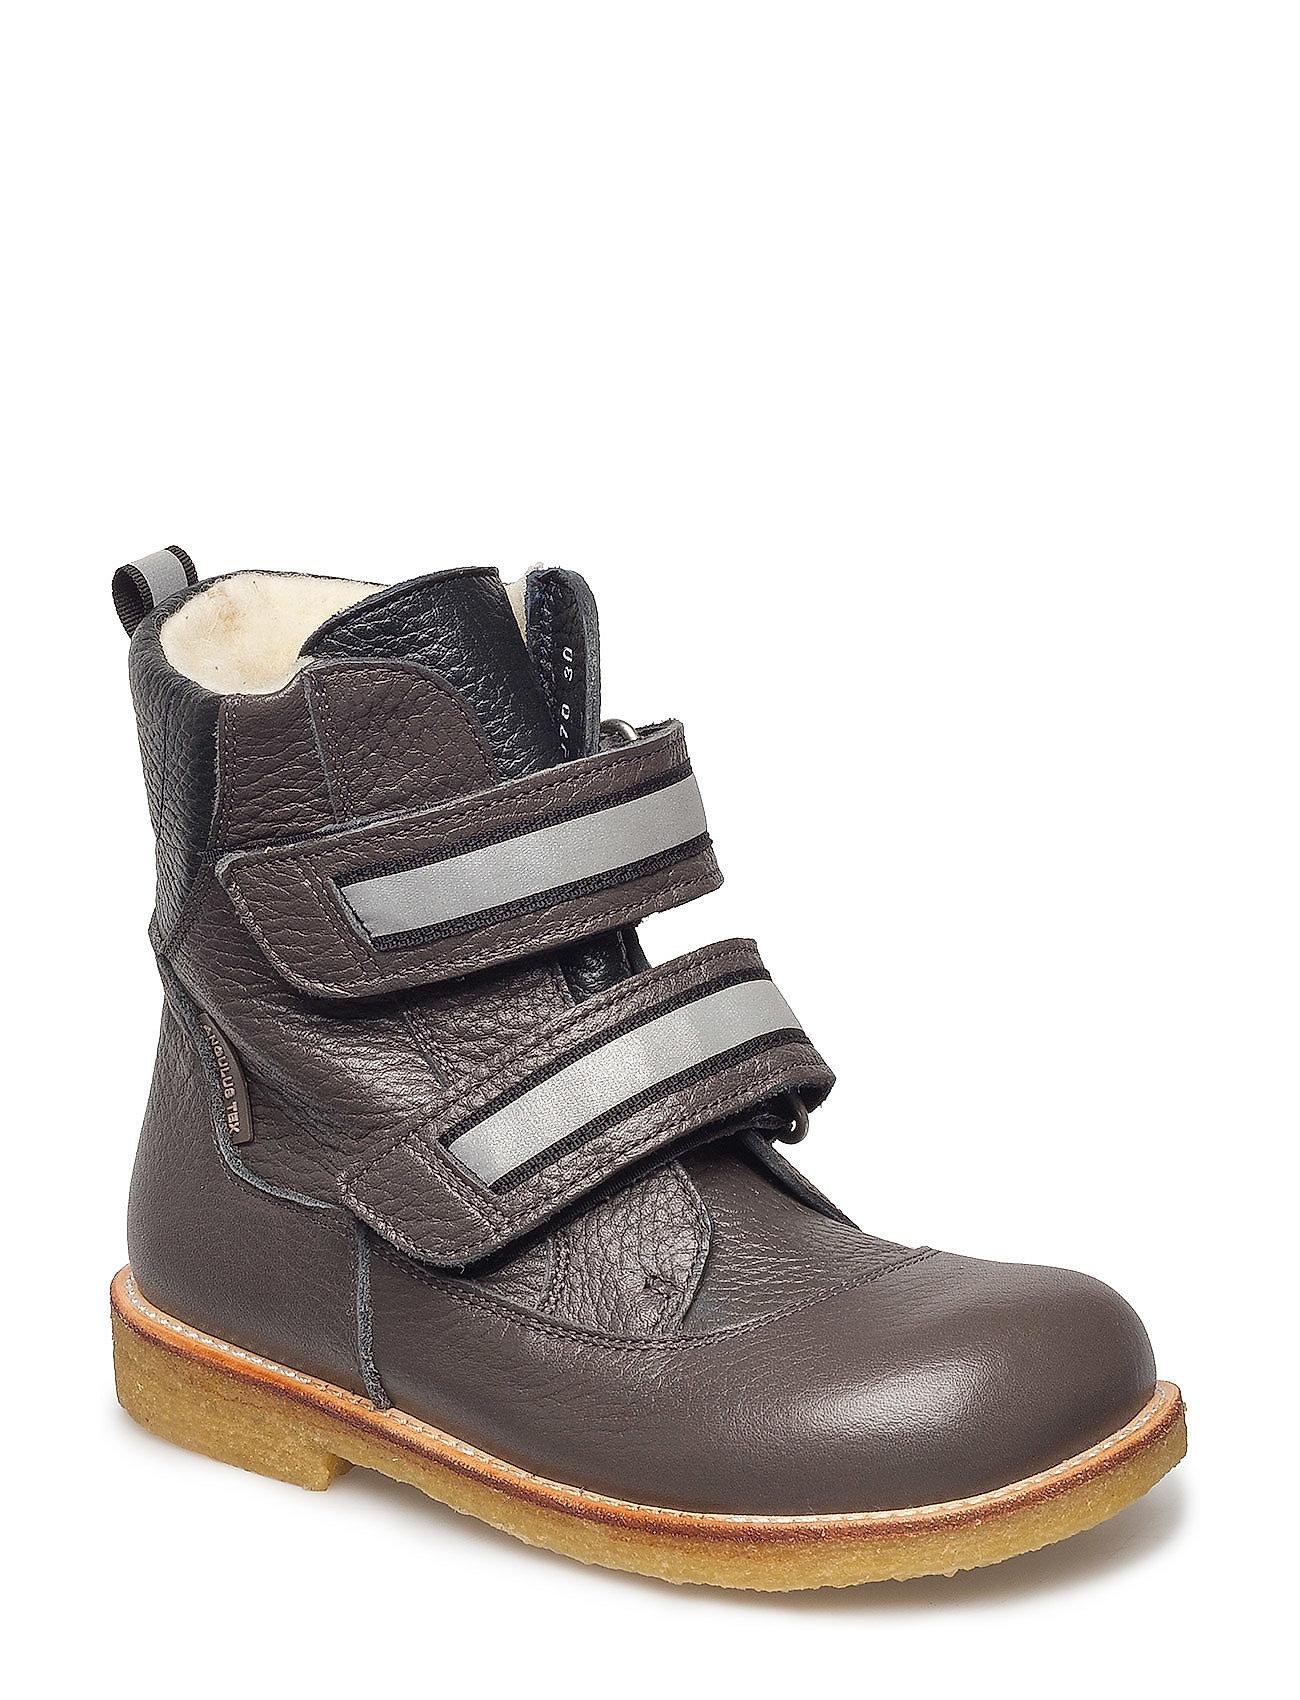 Image of Boots - Flat - With Velcro Vinterstøvler Med Burrebånd Grå ANGULUS (3046212023)